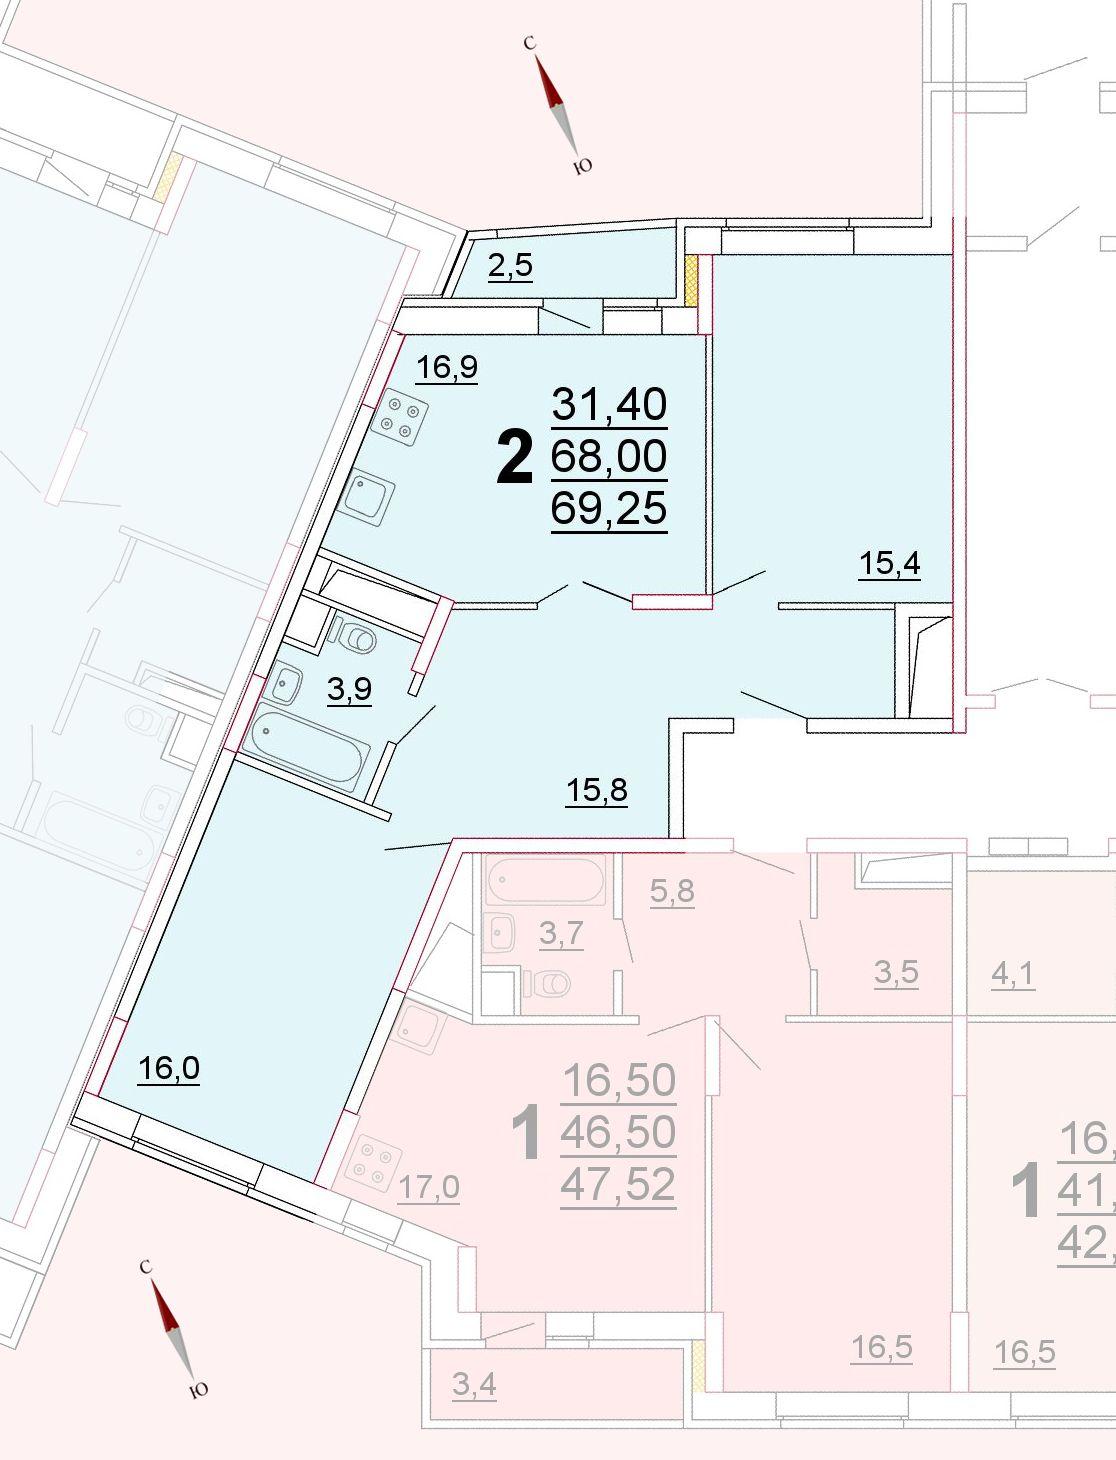 Микрорайон «Центральный», корпус 52г, секция 3, квартира 69,25 м2